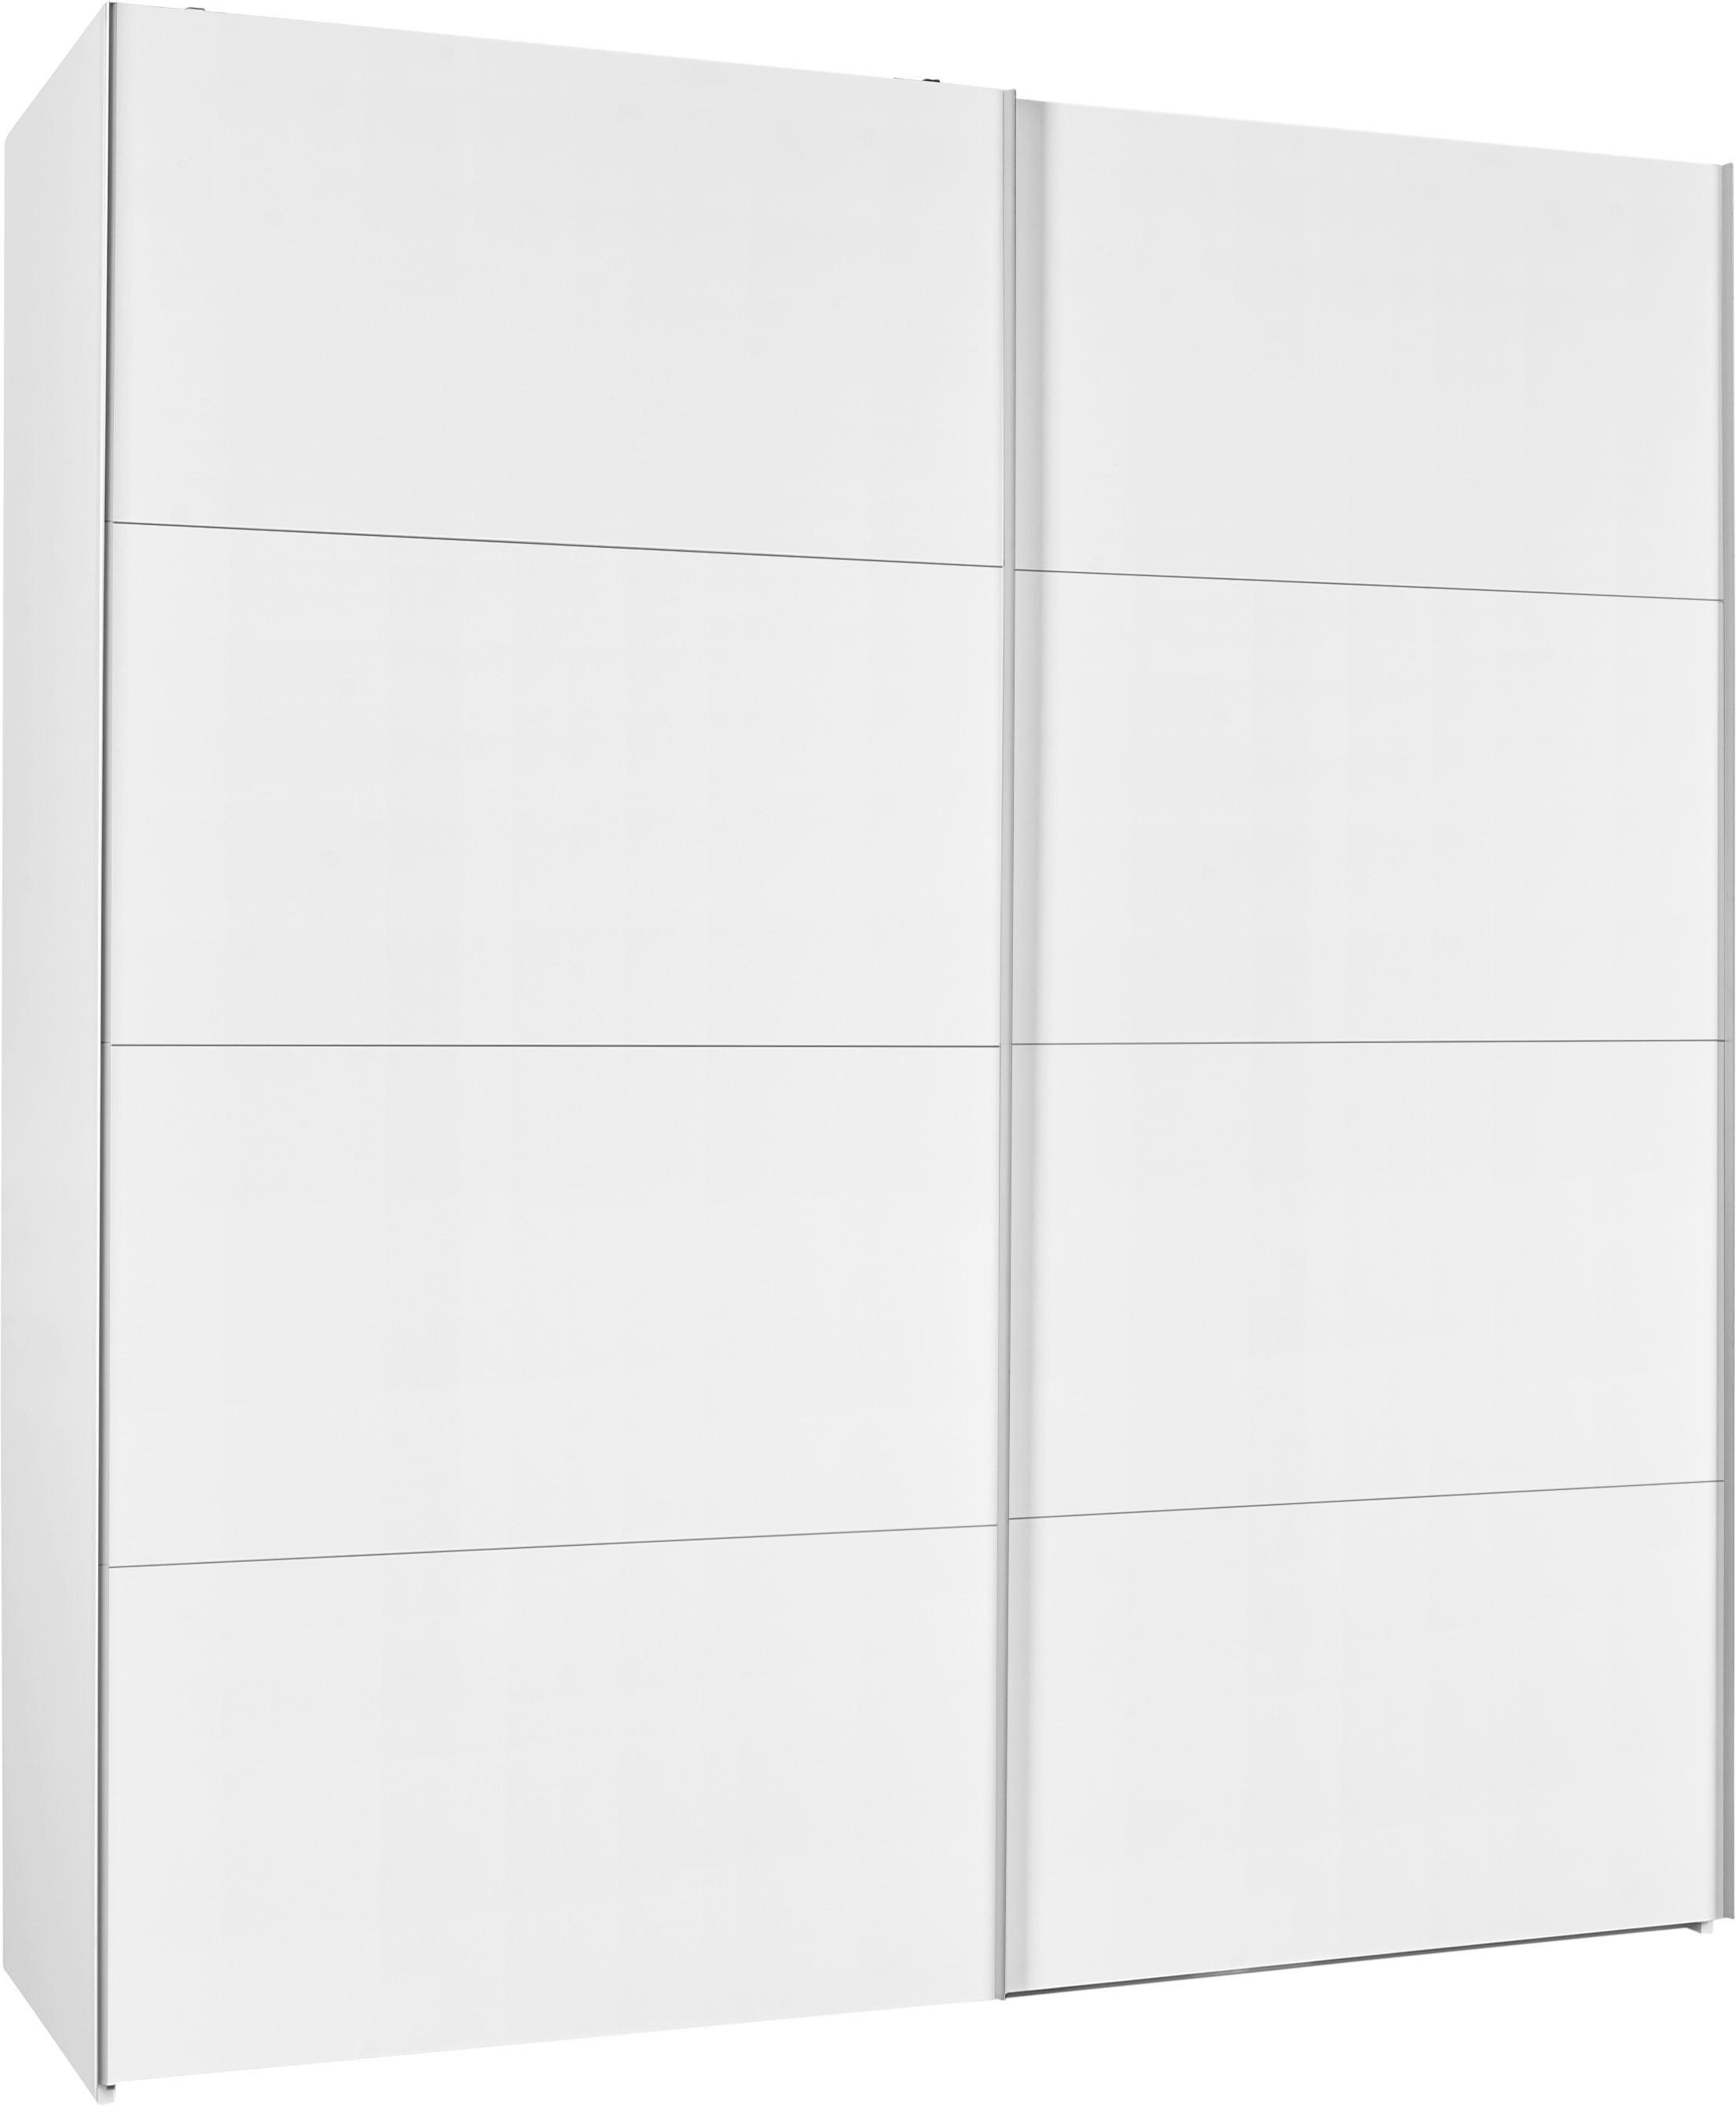 Schwebetürenschrank in Weiß - Weiß, Holzwerkstoff (202/220/63cm) - MODERN LIVING